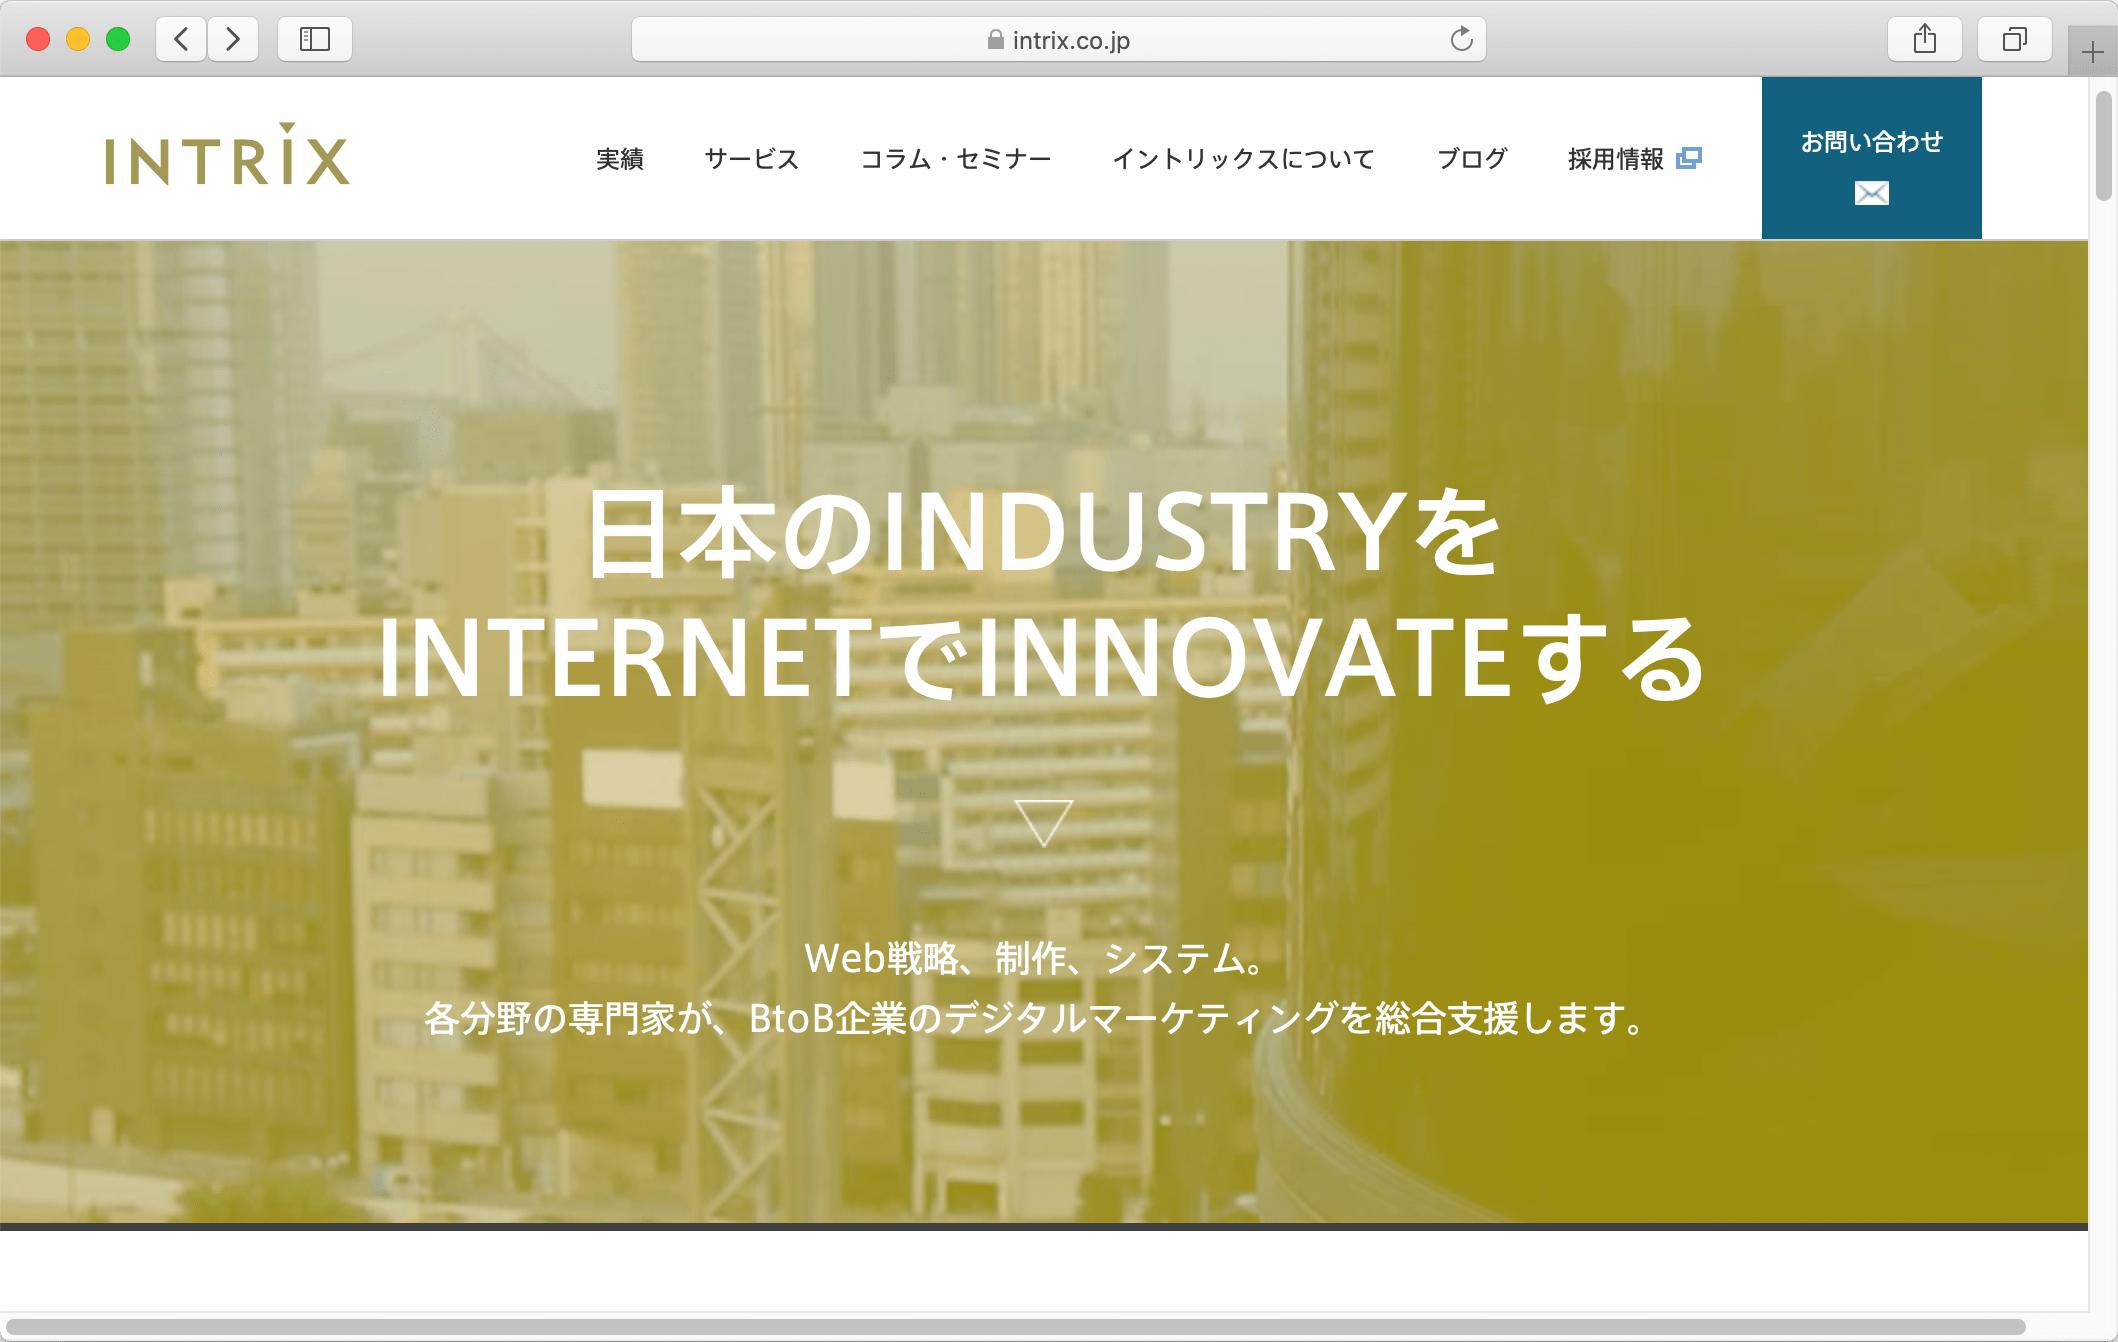 thumnail:イントリックス株式会社さまのウェブサイト